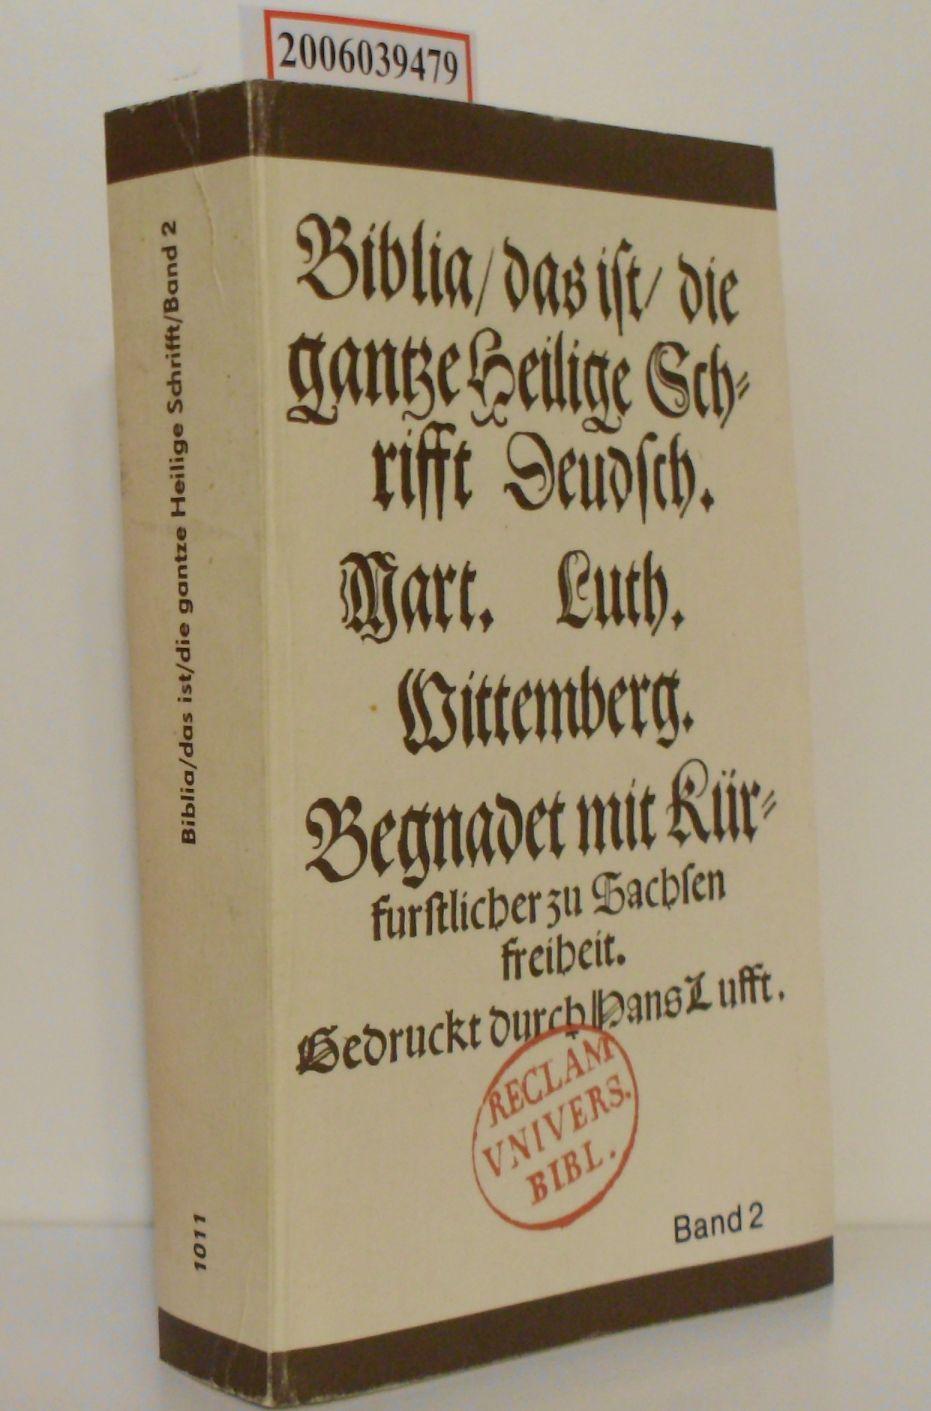 Biblia / das ist / die gantze Heilige Schrifft Deudsch - Band 2 Luther - Biblia Band 2